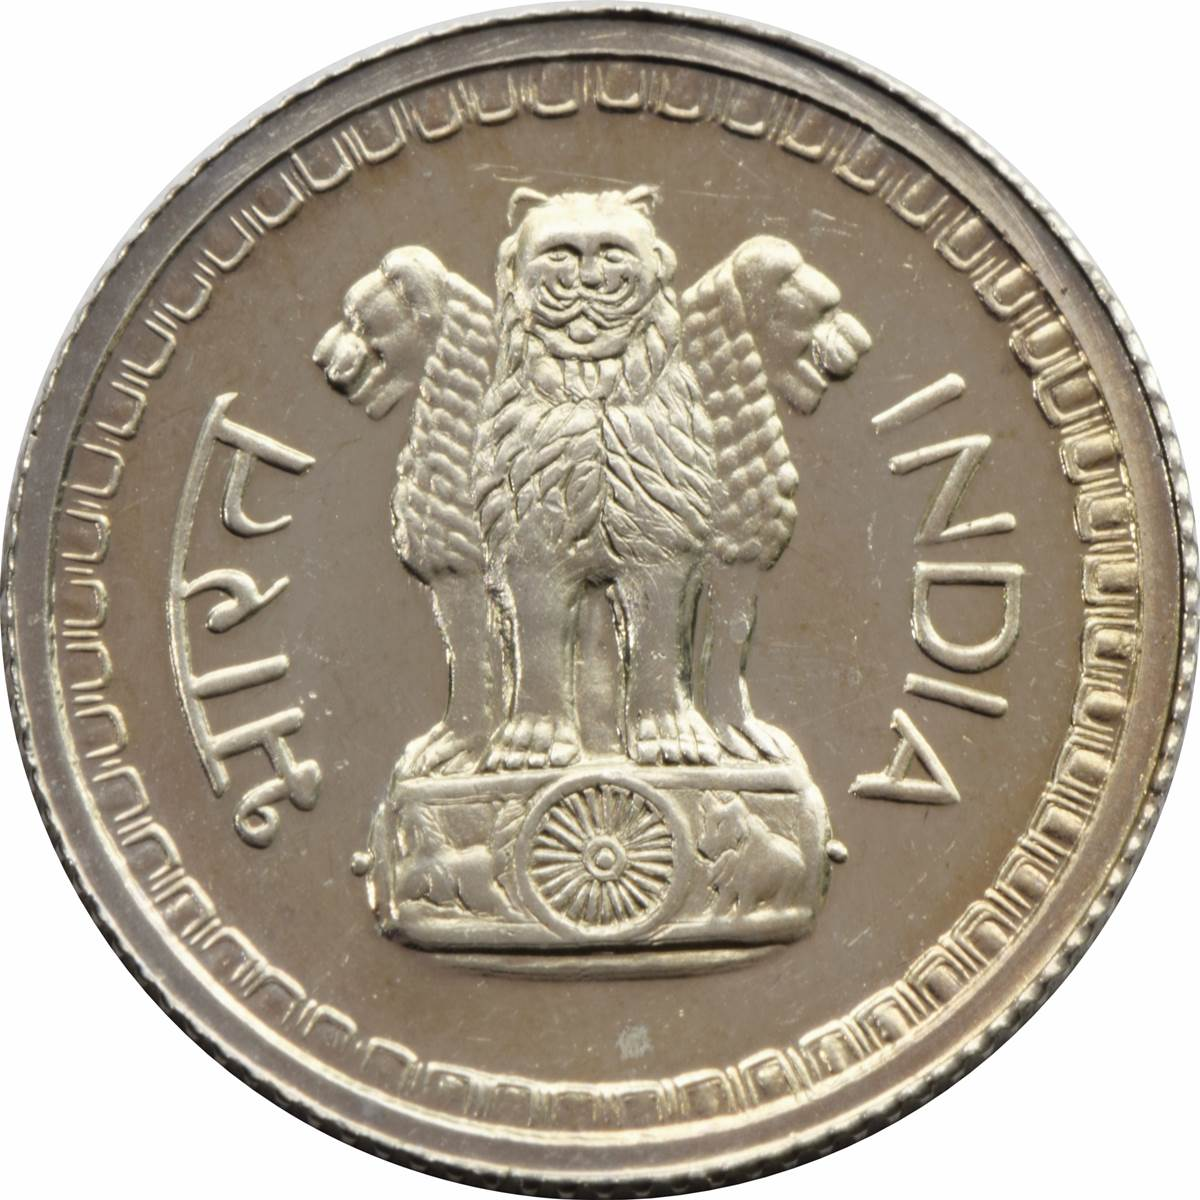 25 Paise - India – Numista